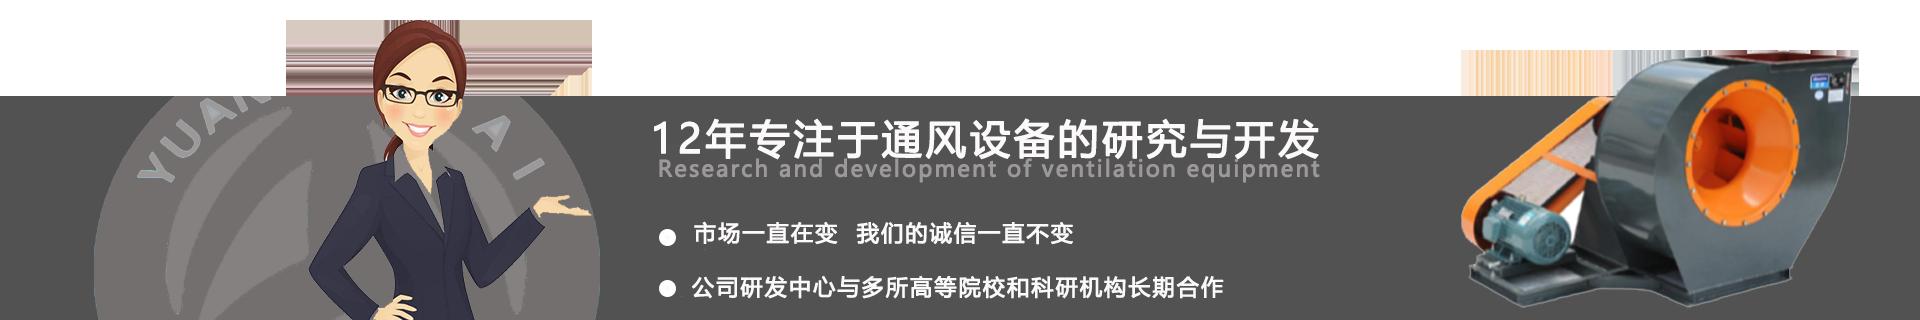 云南消防通风设备厂家图片展示